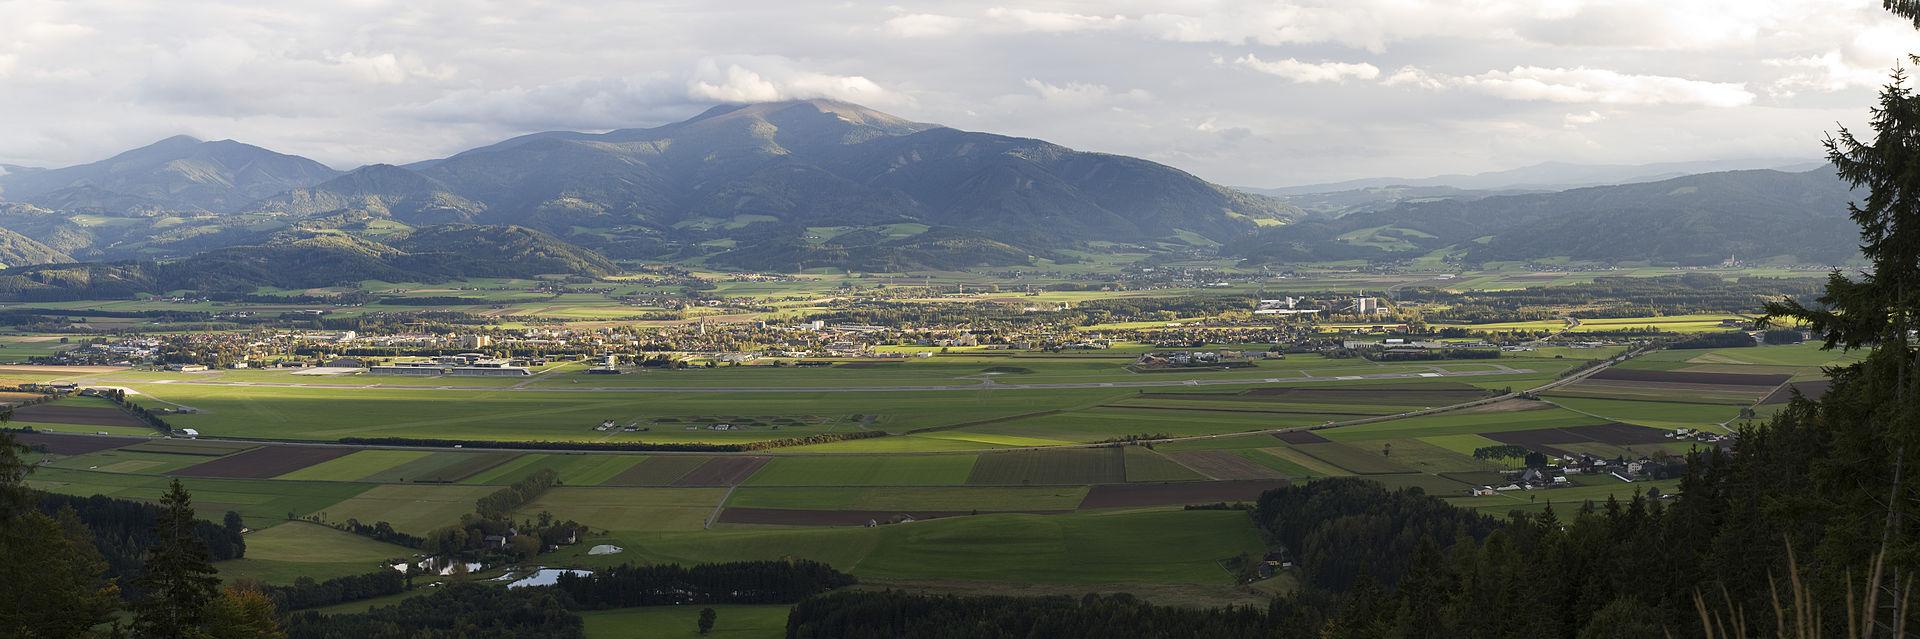 1920px-Zeltweg_und_Umgebung_von_Norden_Panorama.jpg